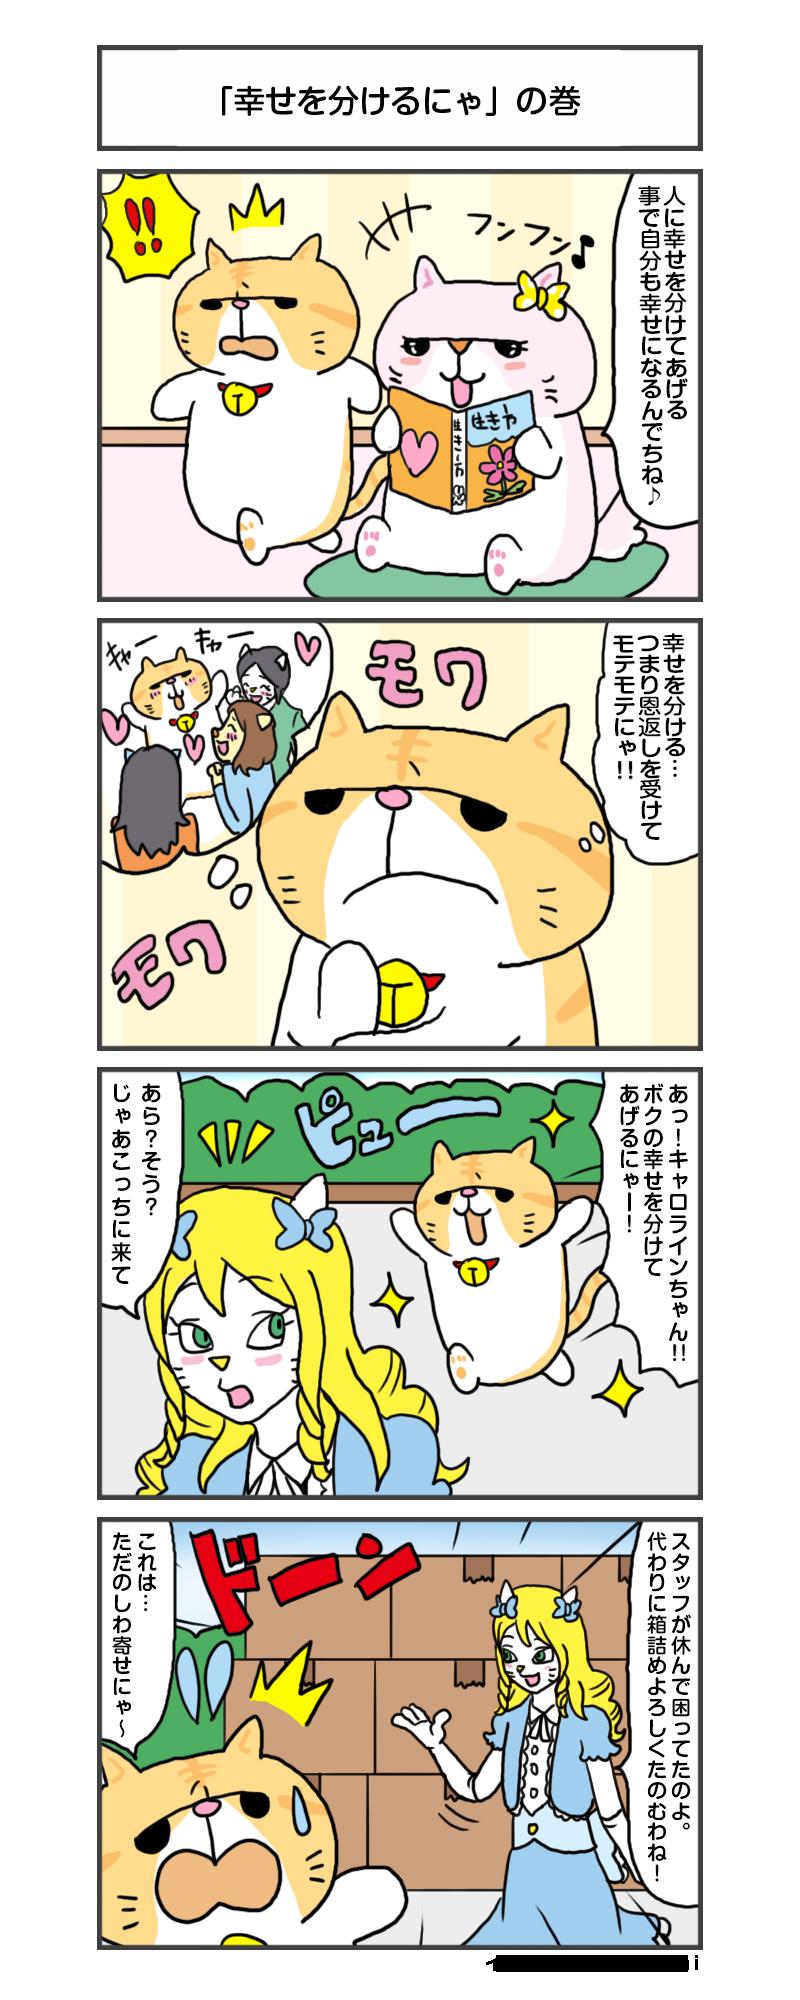 えきぞうmanga_vol.268